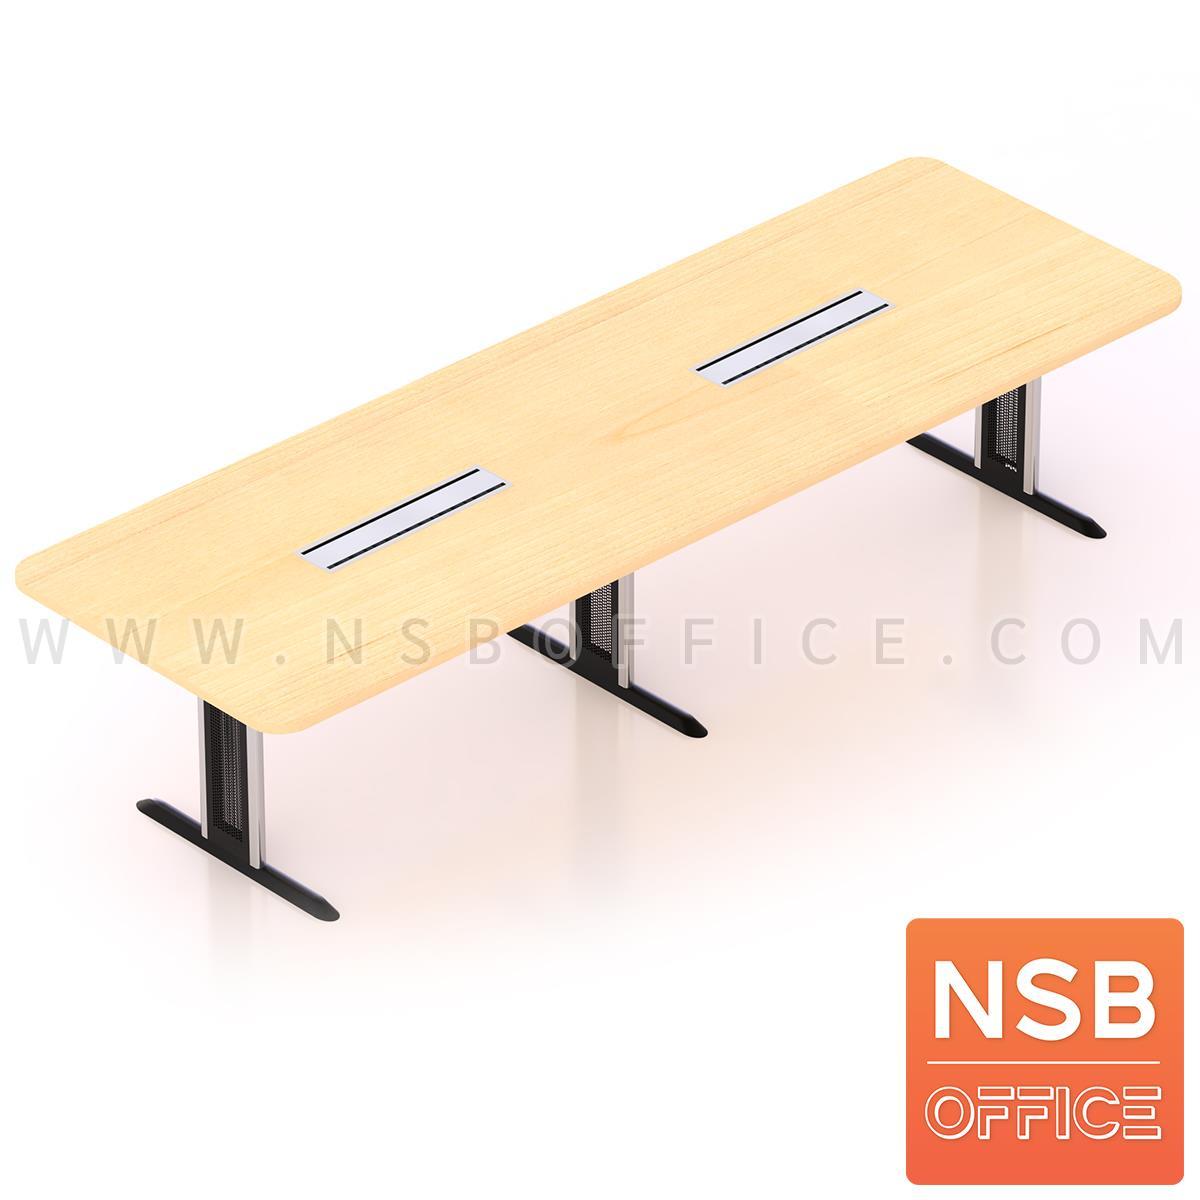 A05A108:โต๊ะประชุมสี่เหลี่ยมมุมมน  ขนาด 360W ,420W ,480W cm.  พร้อมช่องรางไฟยาวพิเศษ ขาเหล็กตัวไอ